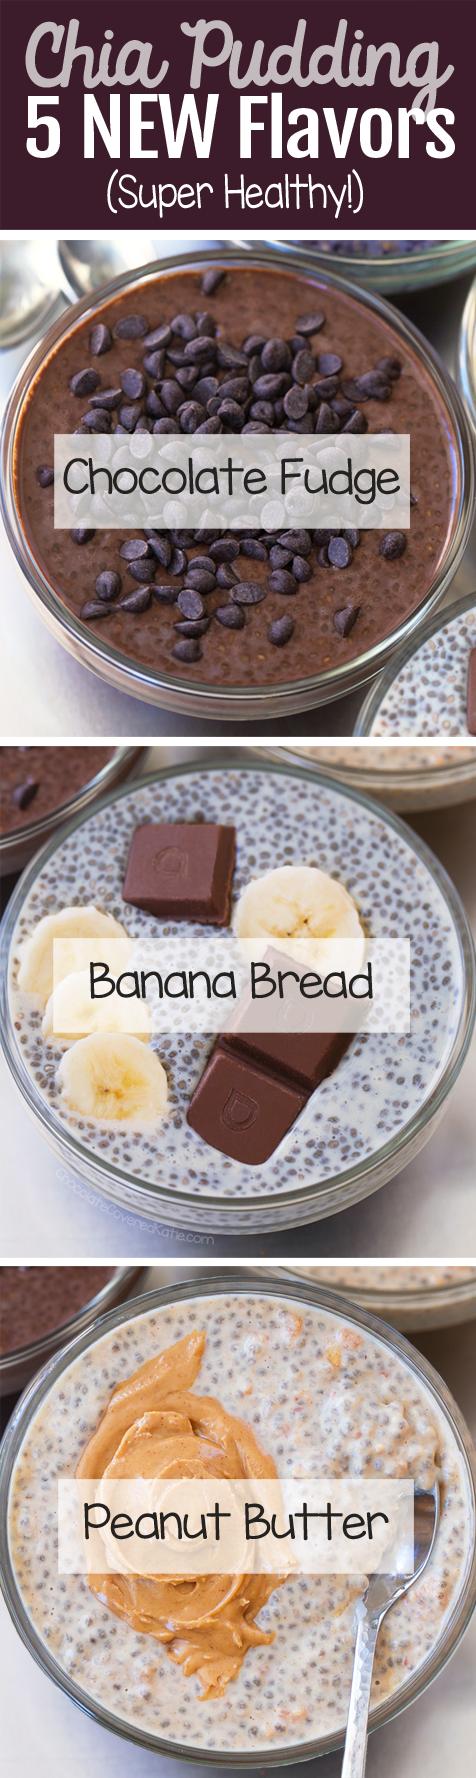 Chia Pudding Recipe – 5 Delicious Flavors!